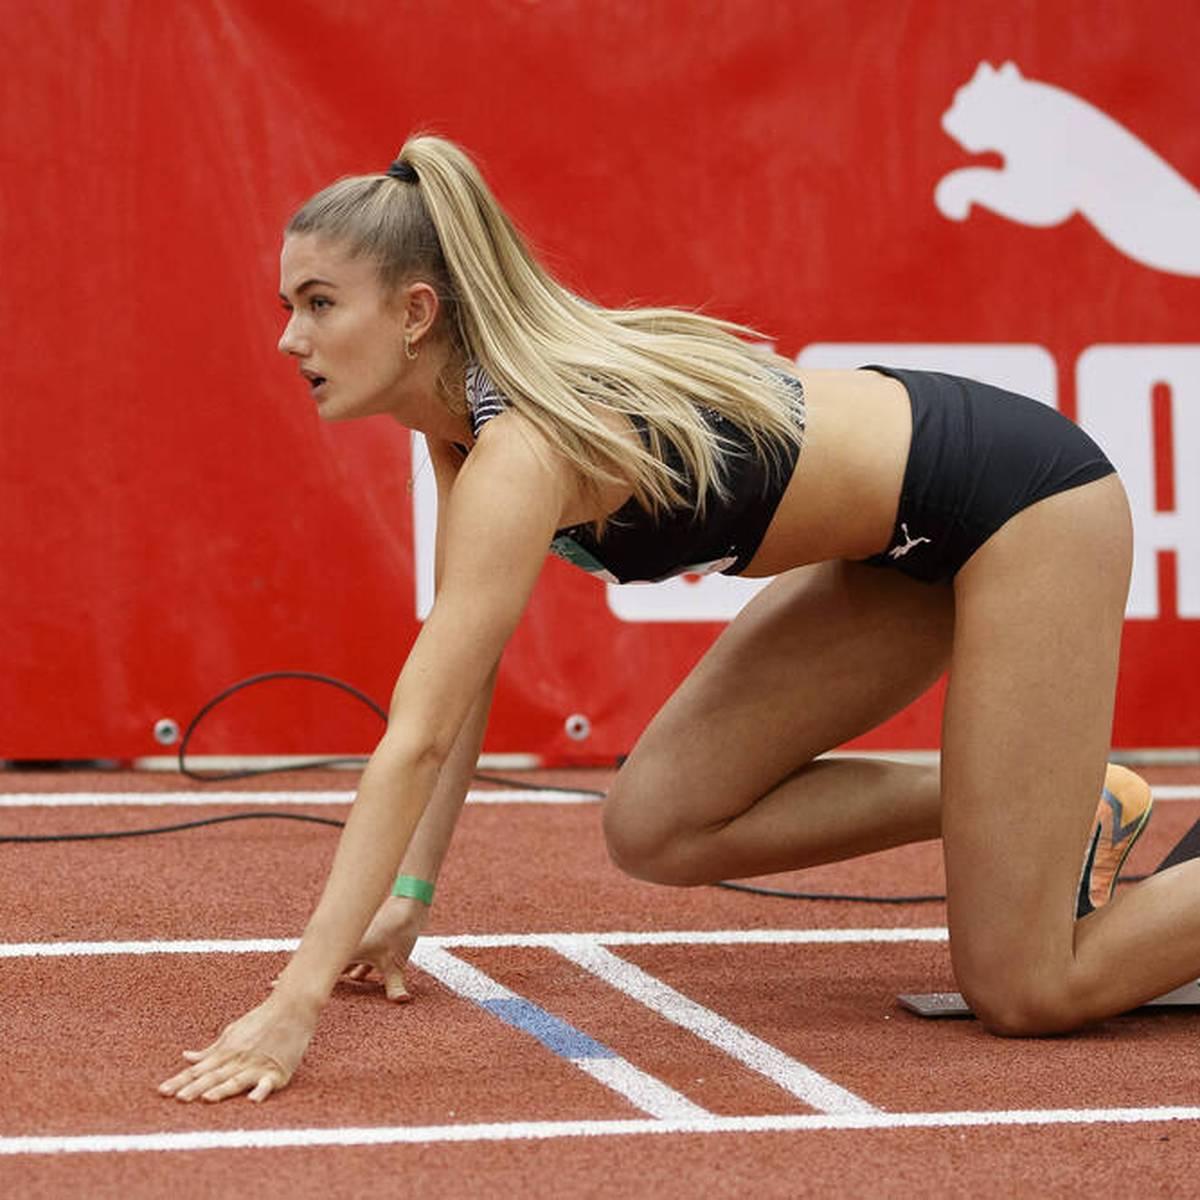 Leichtathletik-Star wechselt auf den Laufsteg